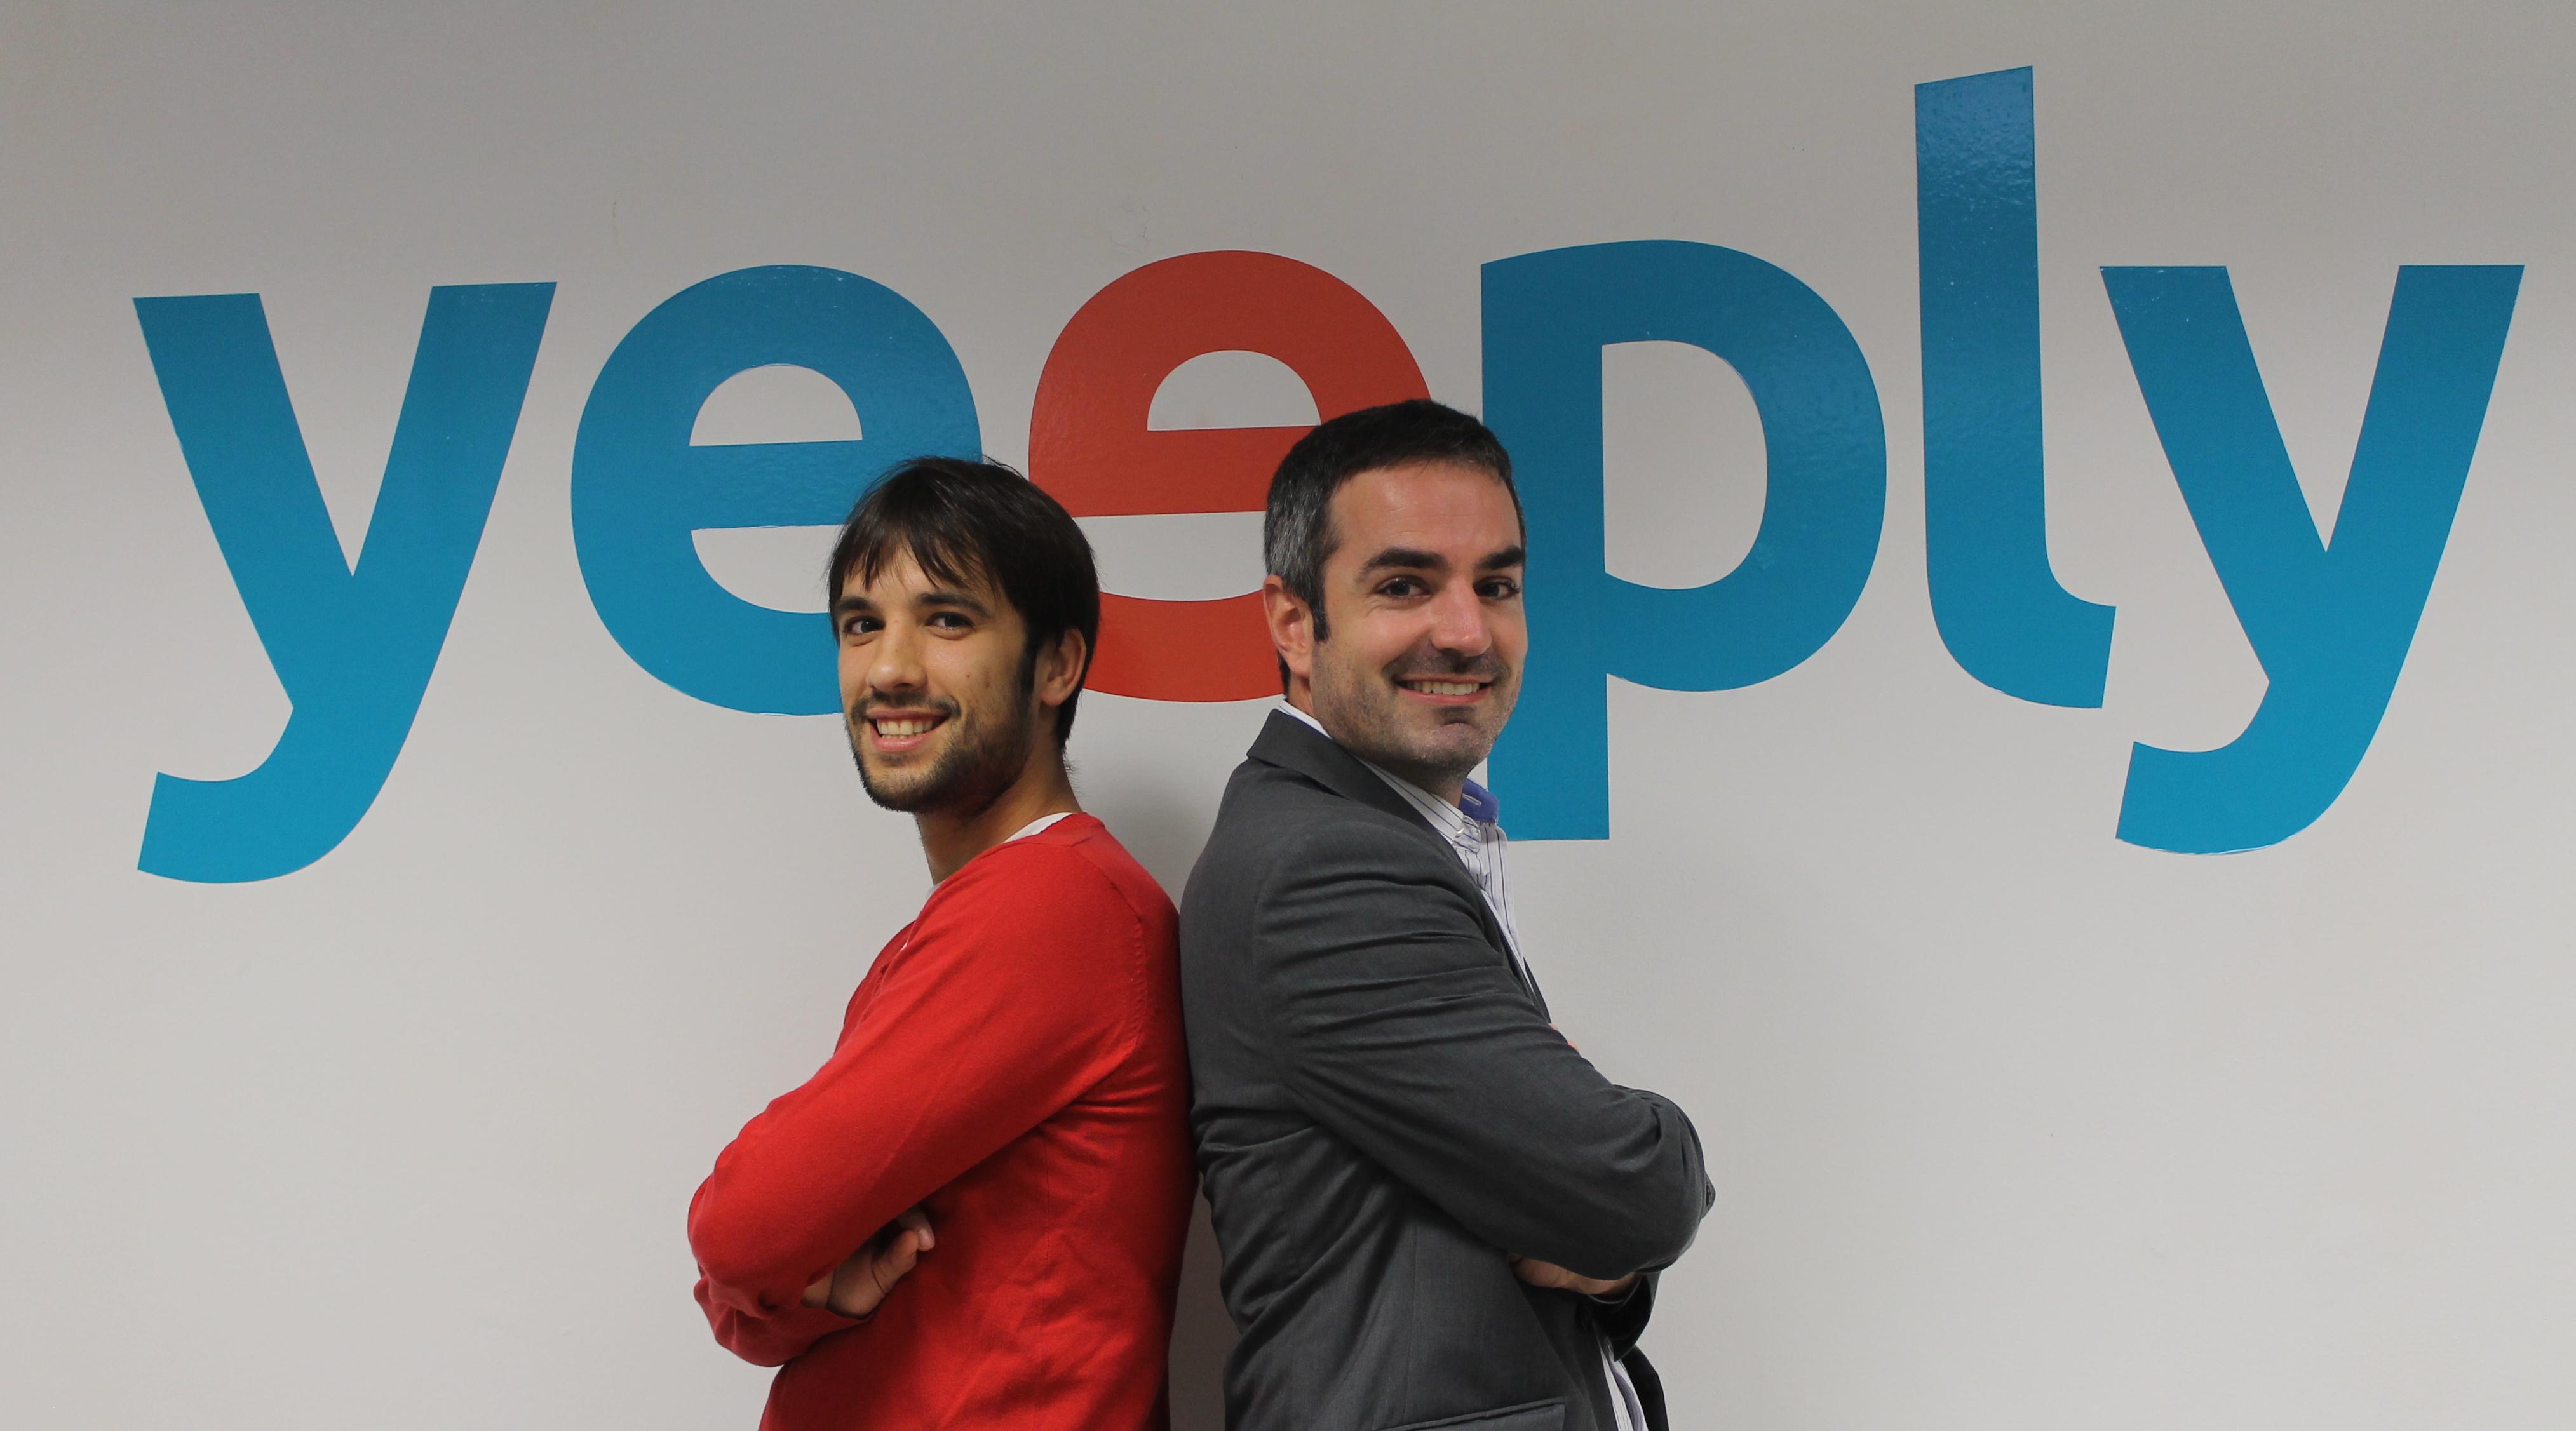 Yeeply, una startup che fa incontrare sviluppatori e clienti per creare app e siti web